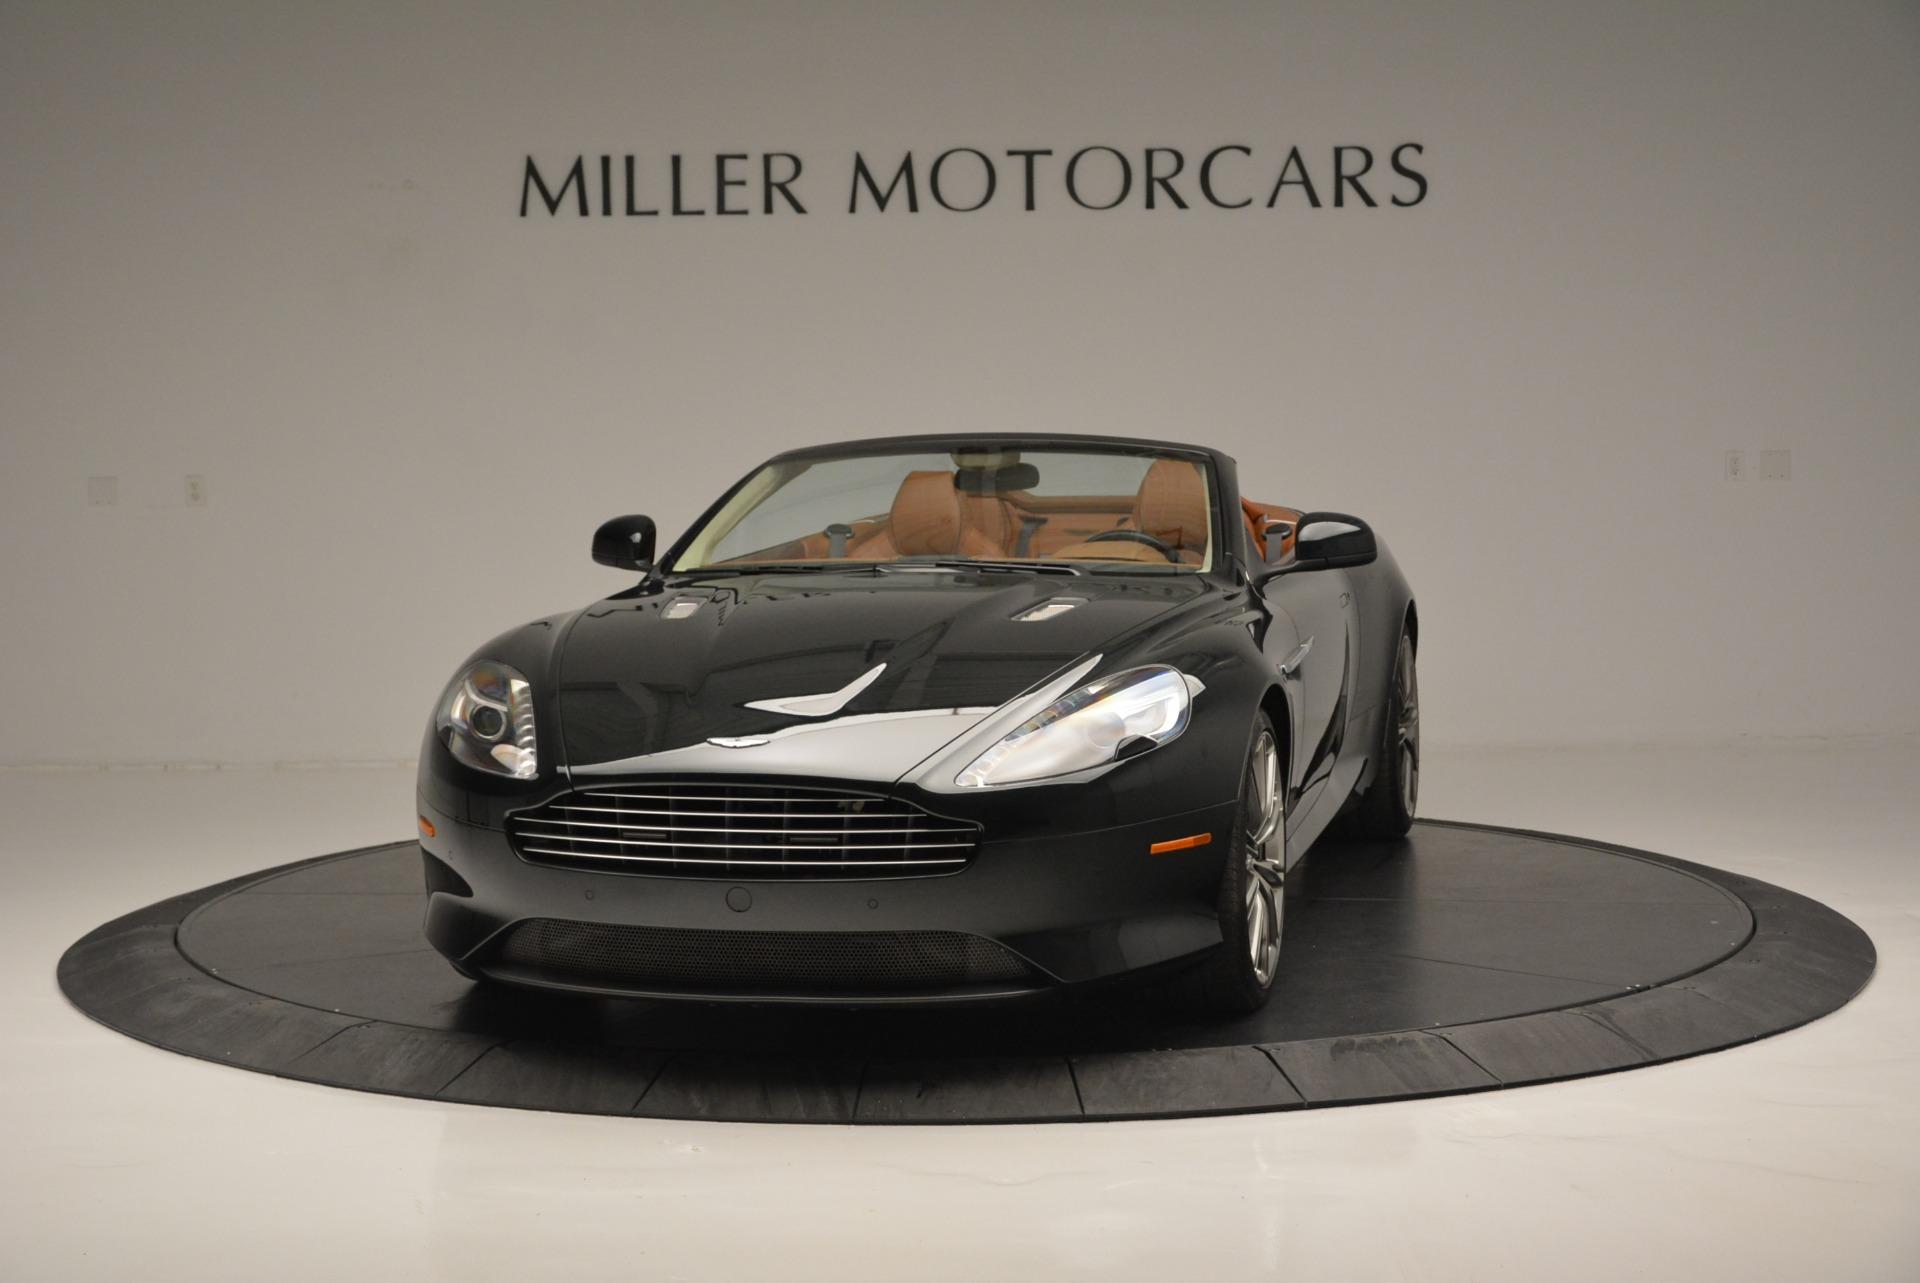 Used 2012 Aston Martin Virage Volante For Sale In Greenwich, CT. Alfa Romeo of Greenwich, 7641 2508_main